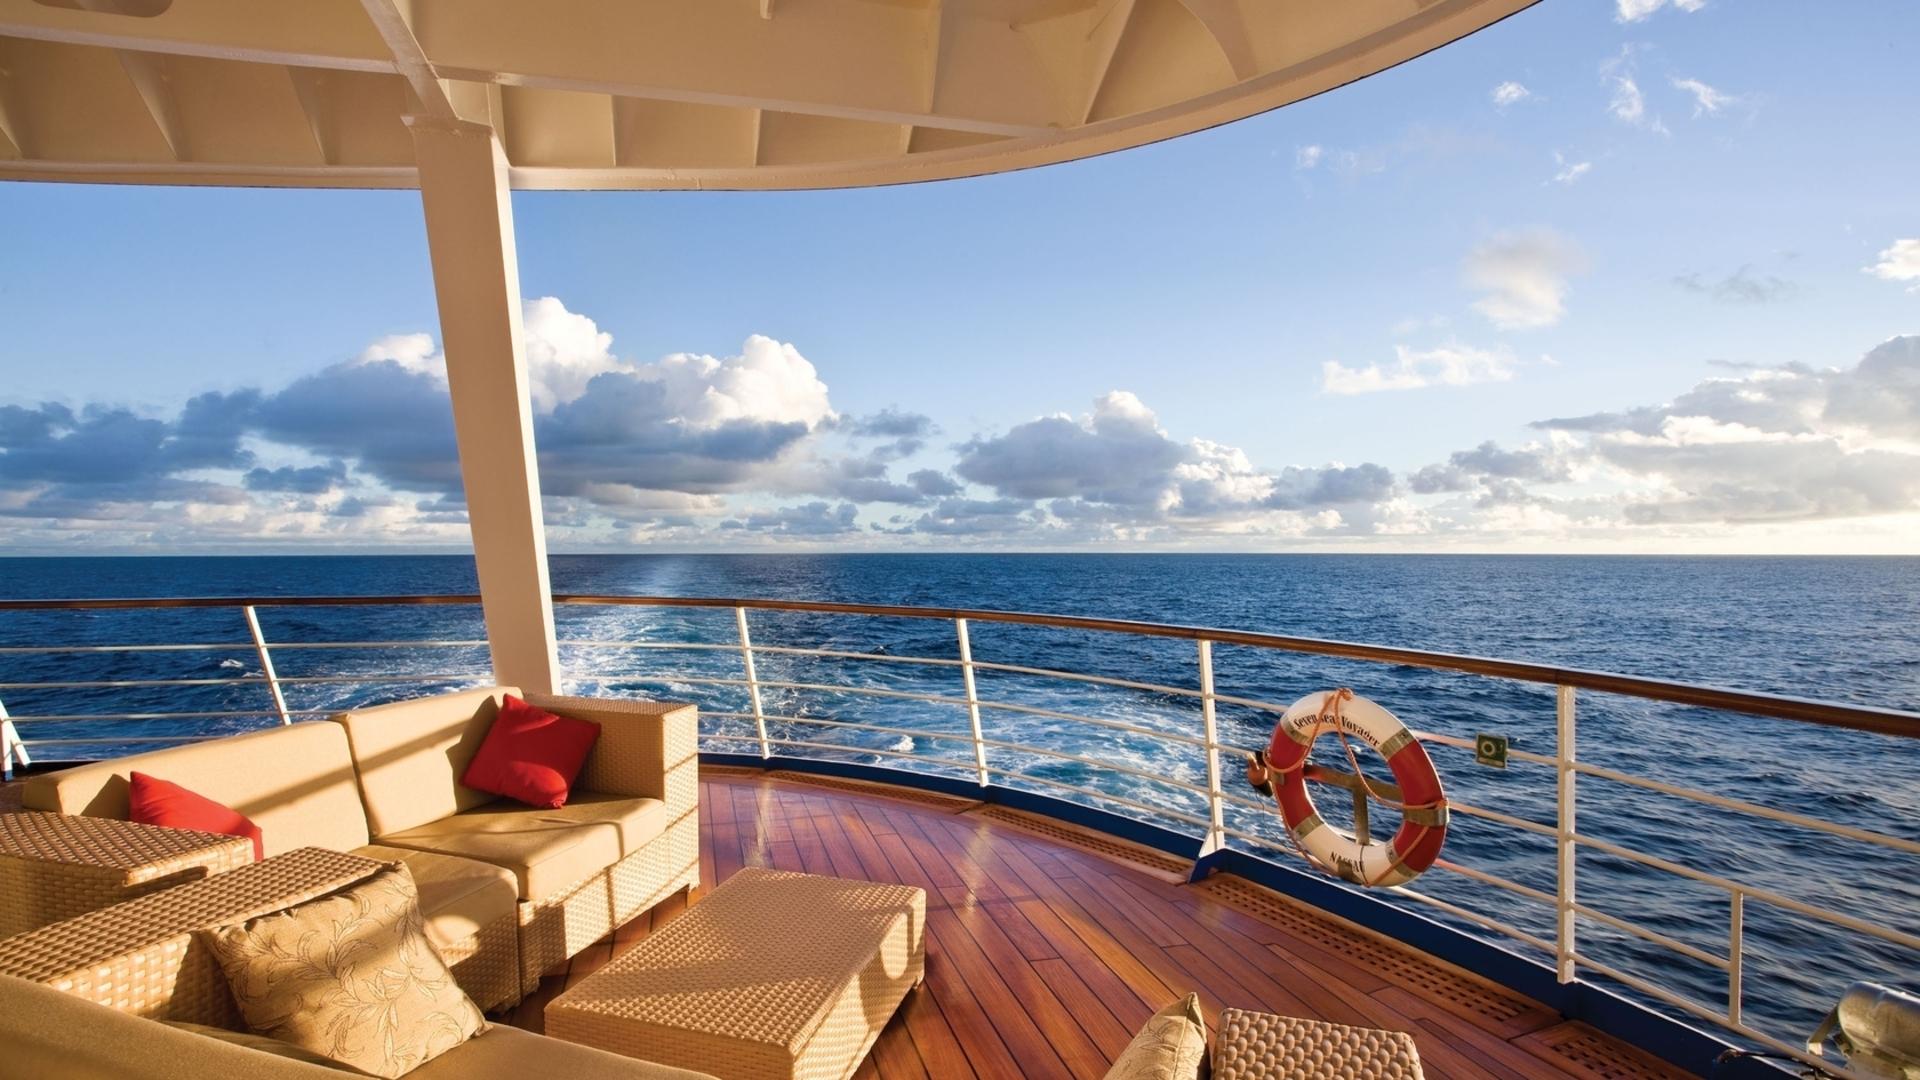 luxury yacht desktop wallpaper 49827